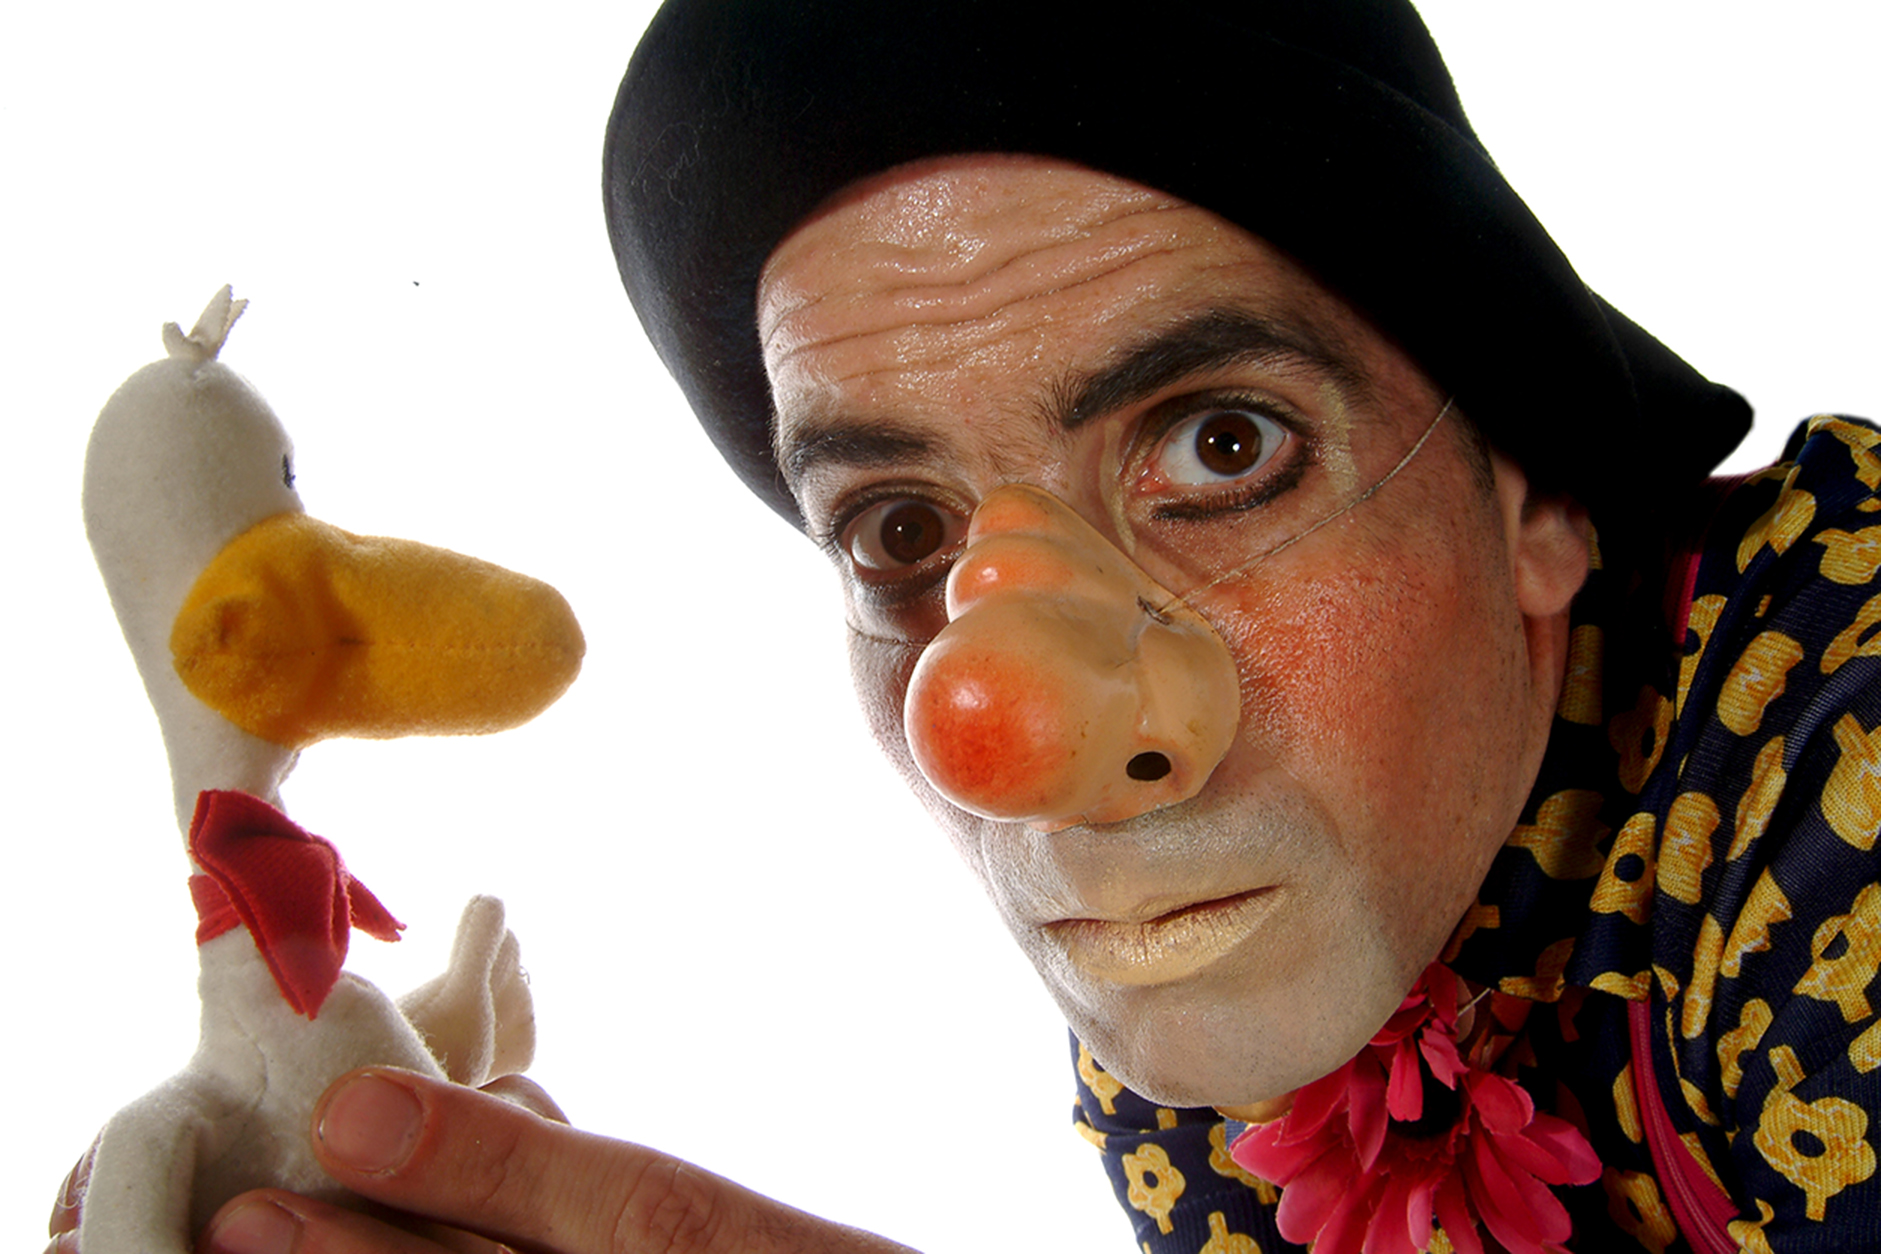 Noam Inbar - Medical Clown